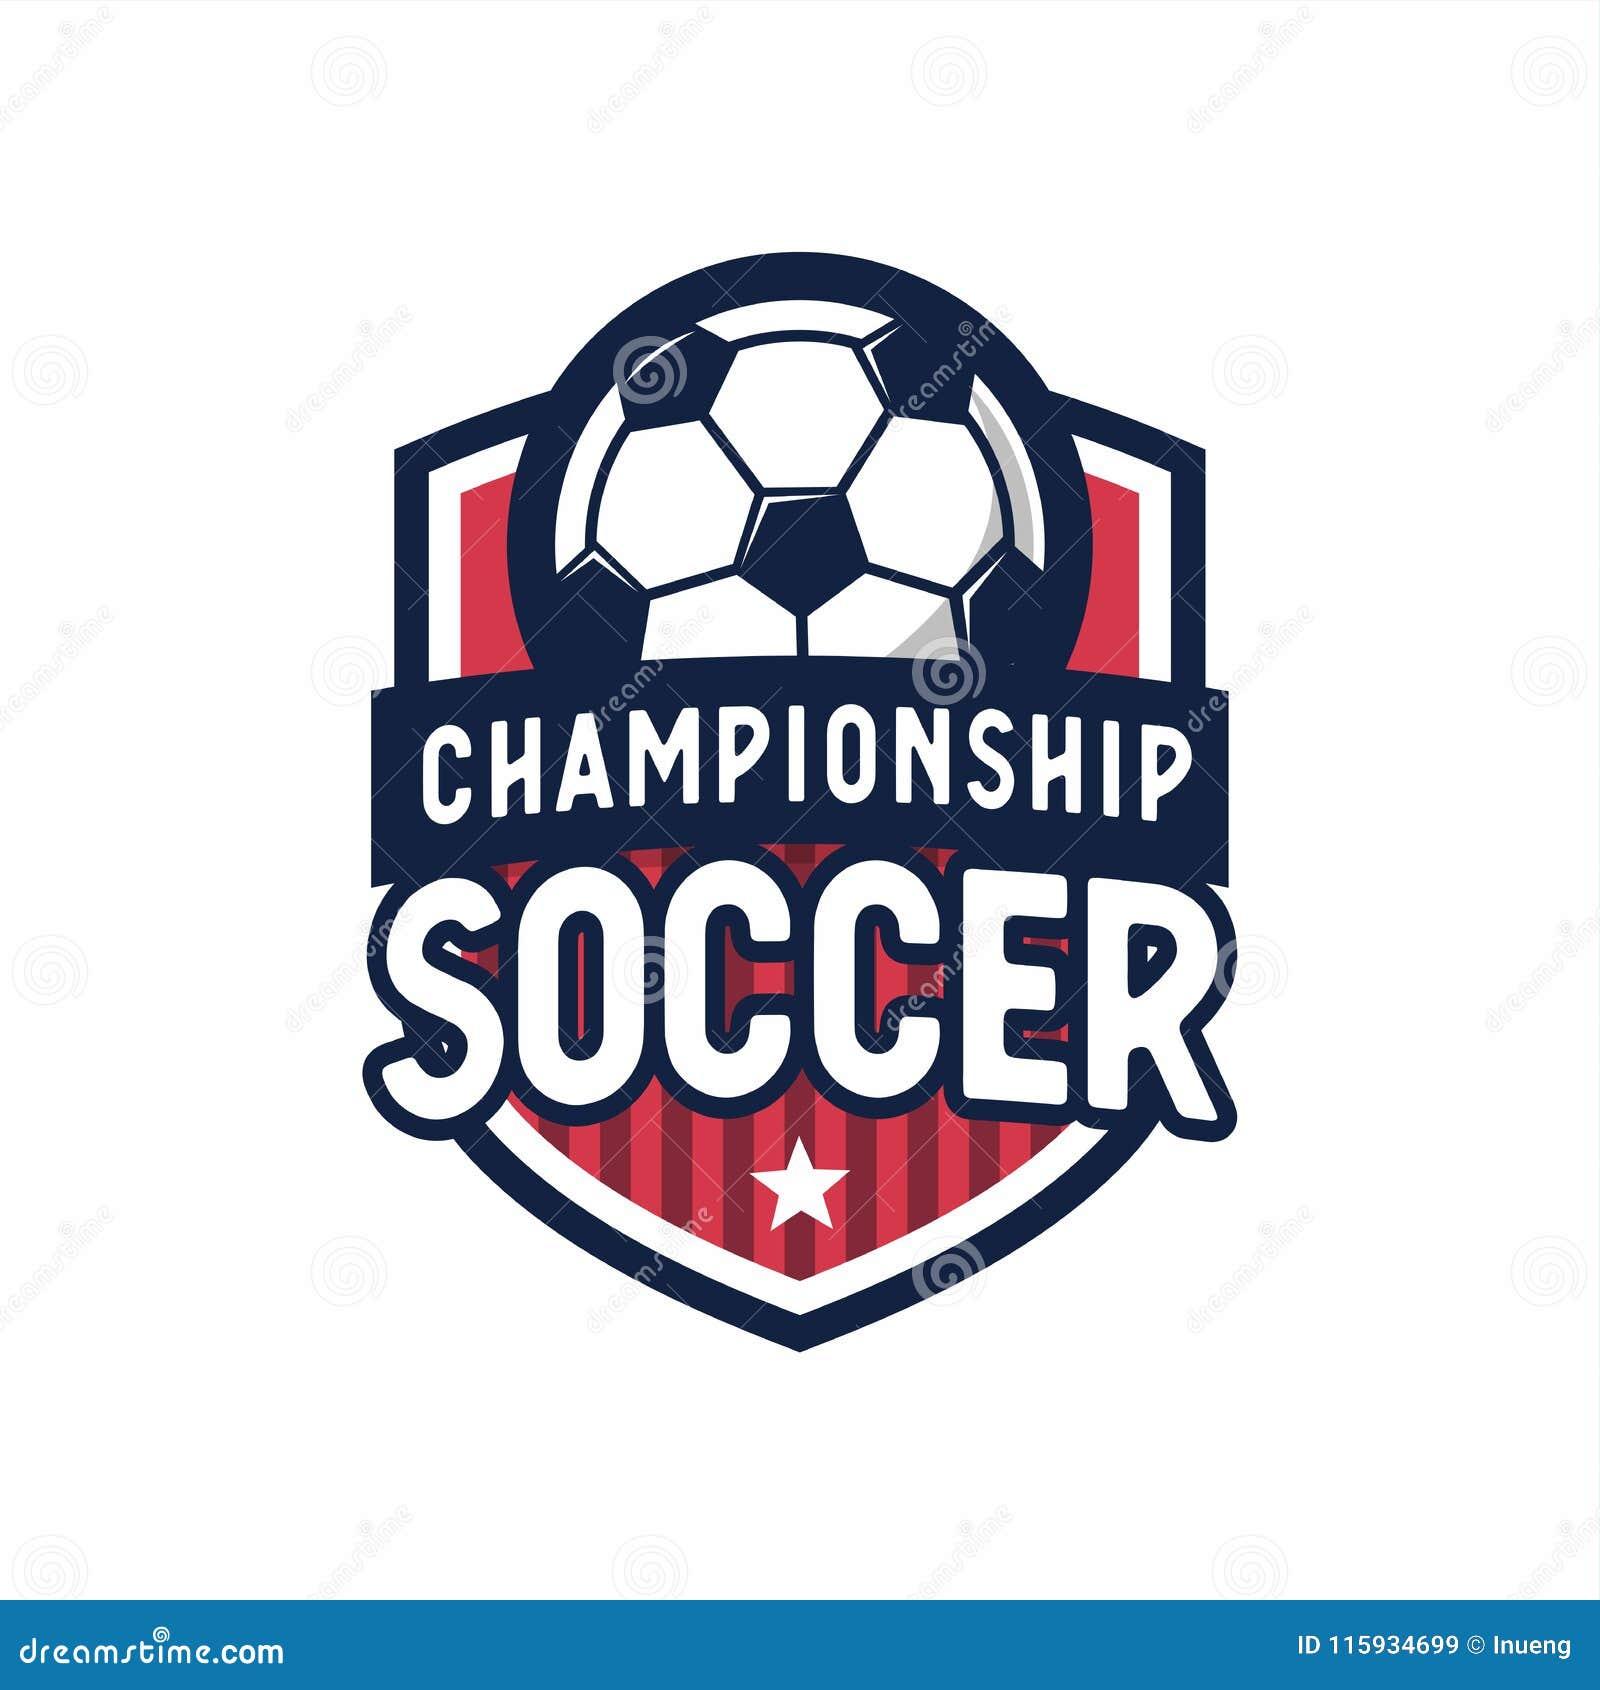 Elementos del diseño del logotipo de la liga de fútbol del fútbol para el  equipo de e571fc600ec16